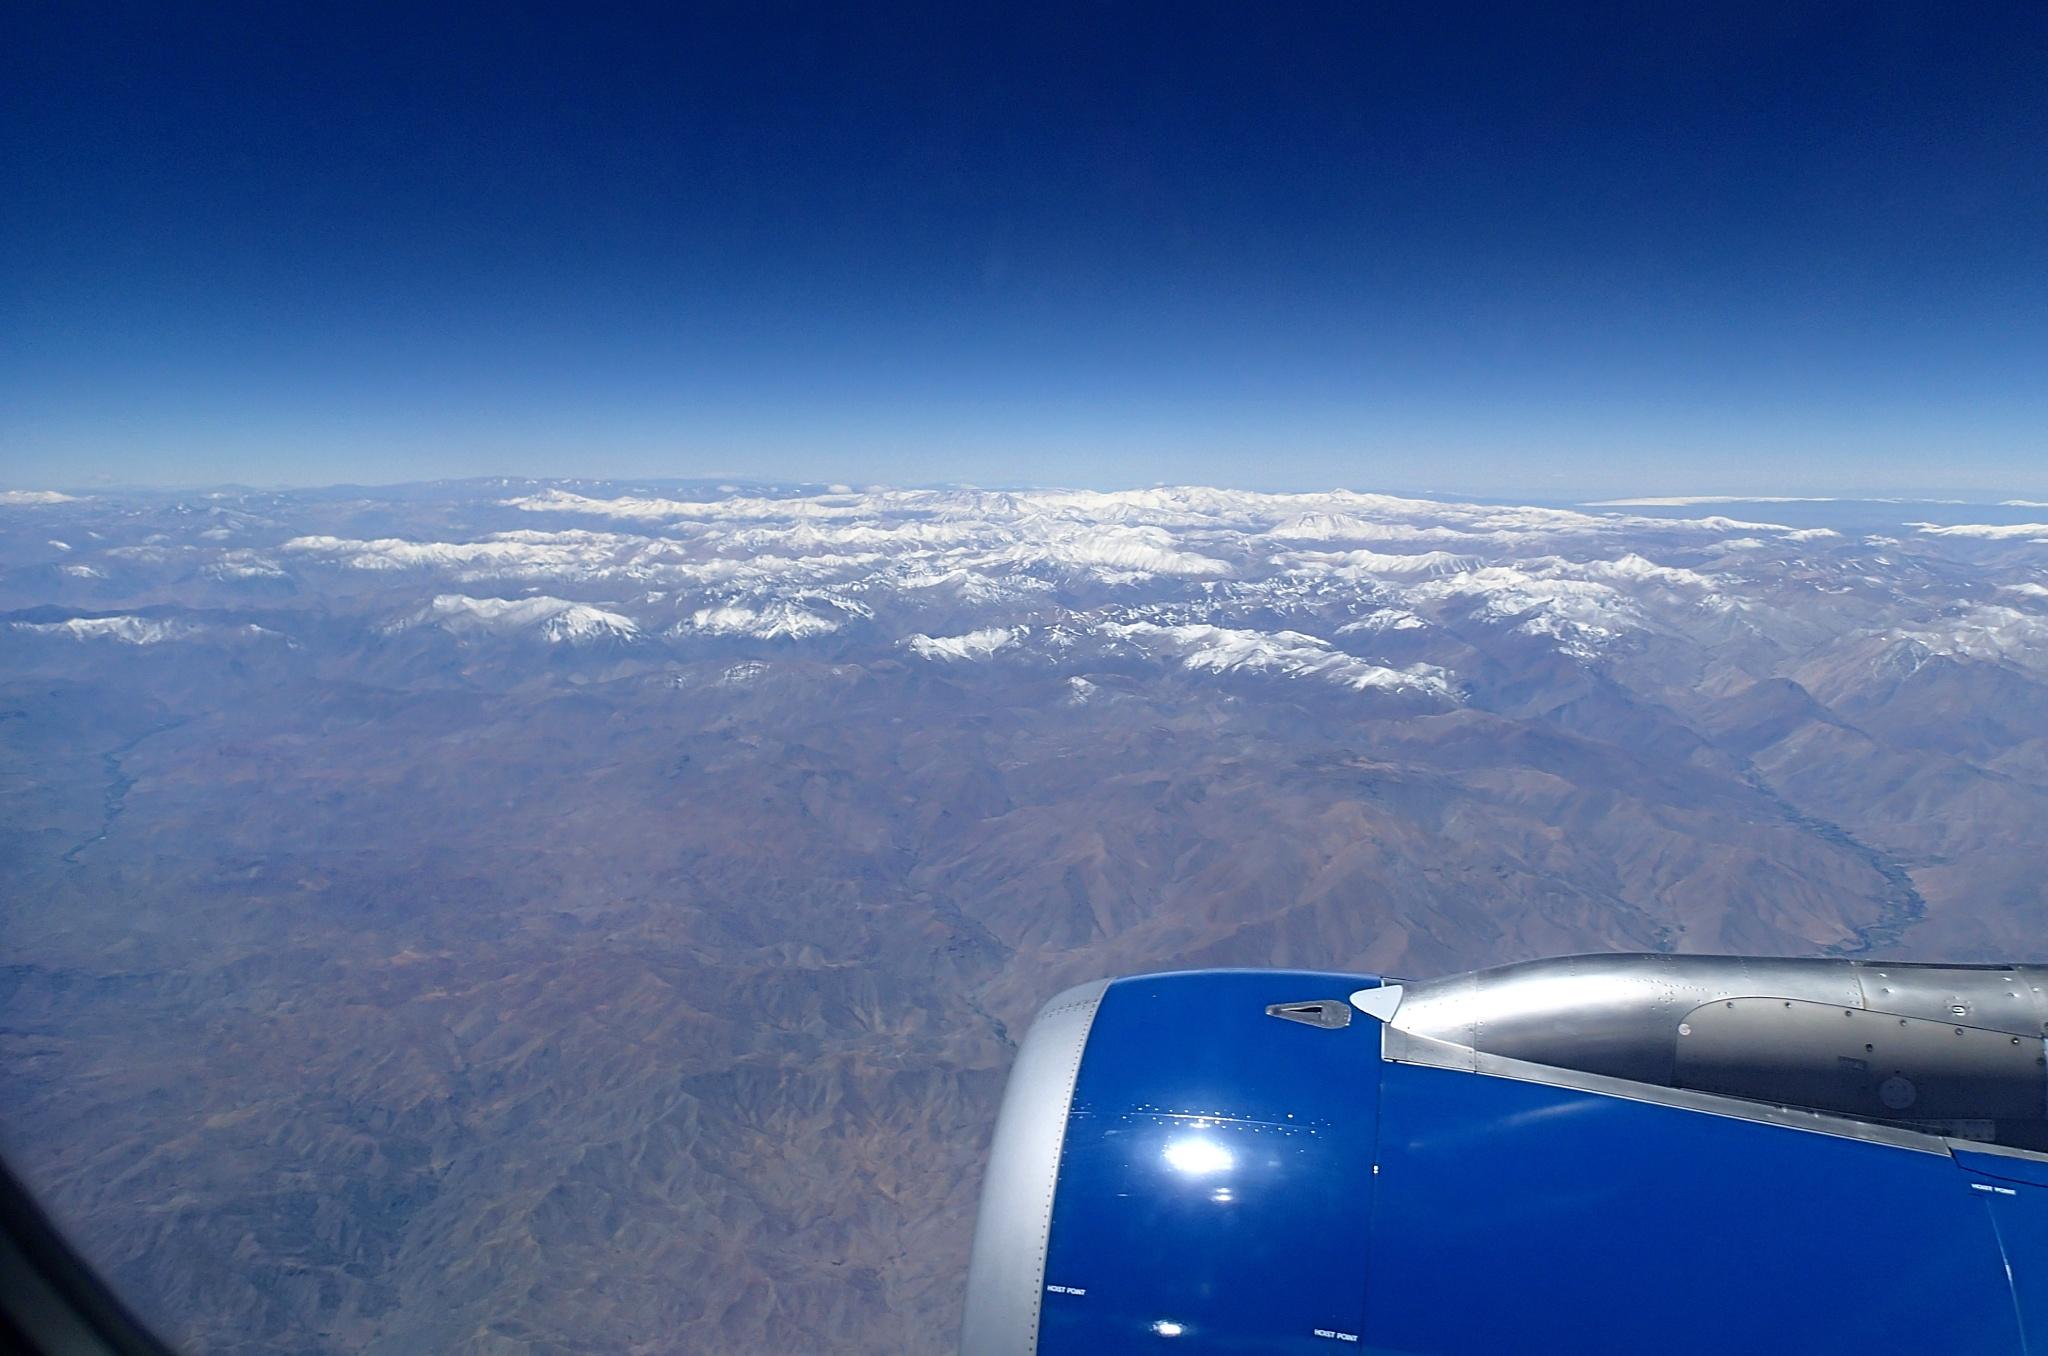 Letíme na sever do Ariky, v pozadí Andy